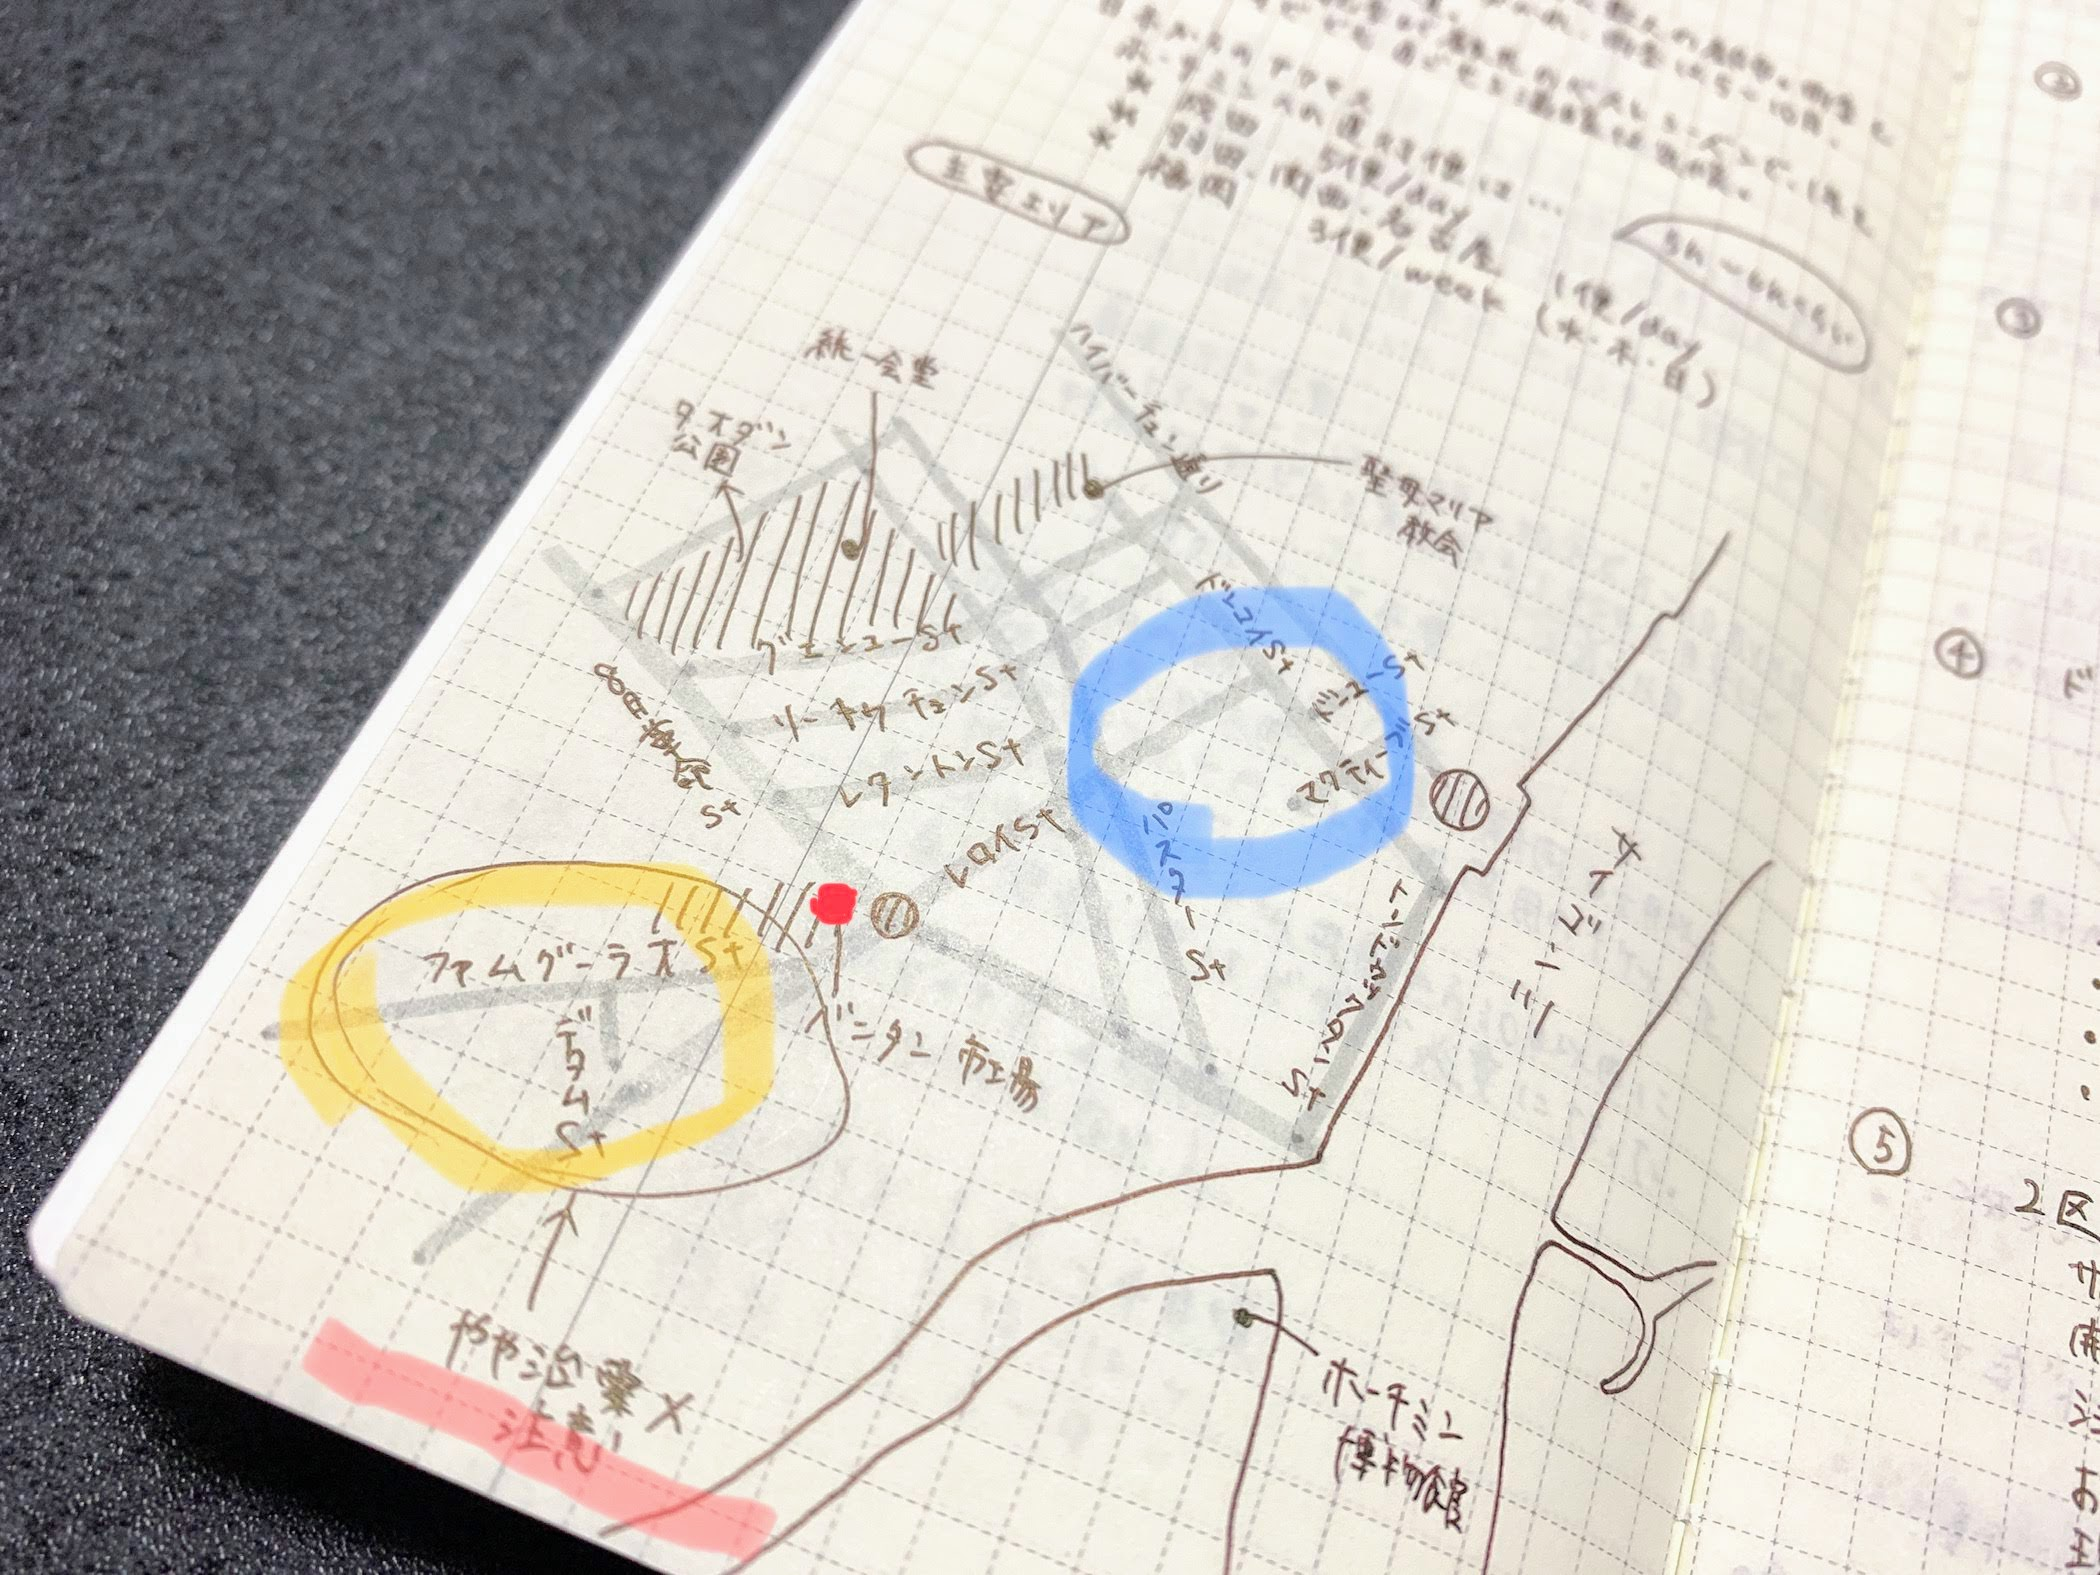 ベトナム一人旅【番外編②】旅の準備振り返り(宿、ネット環境)